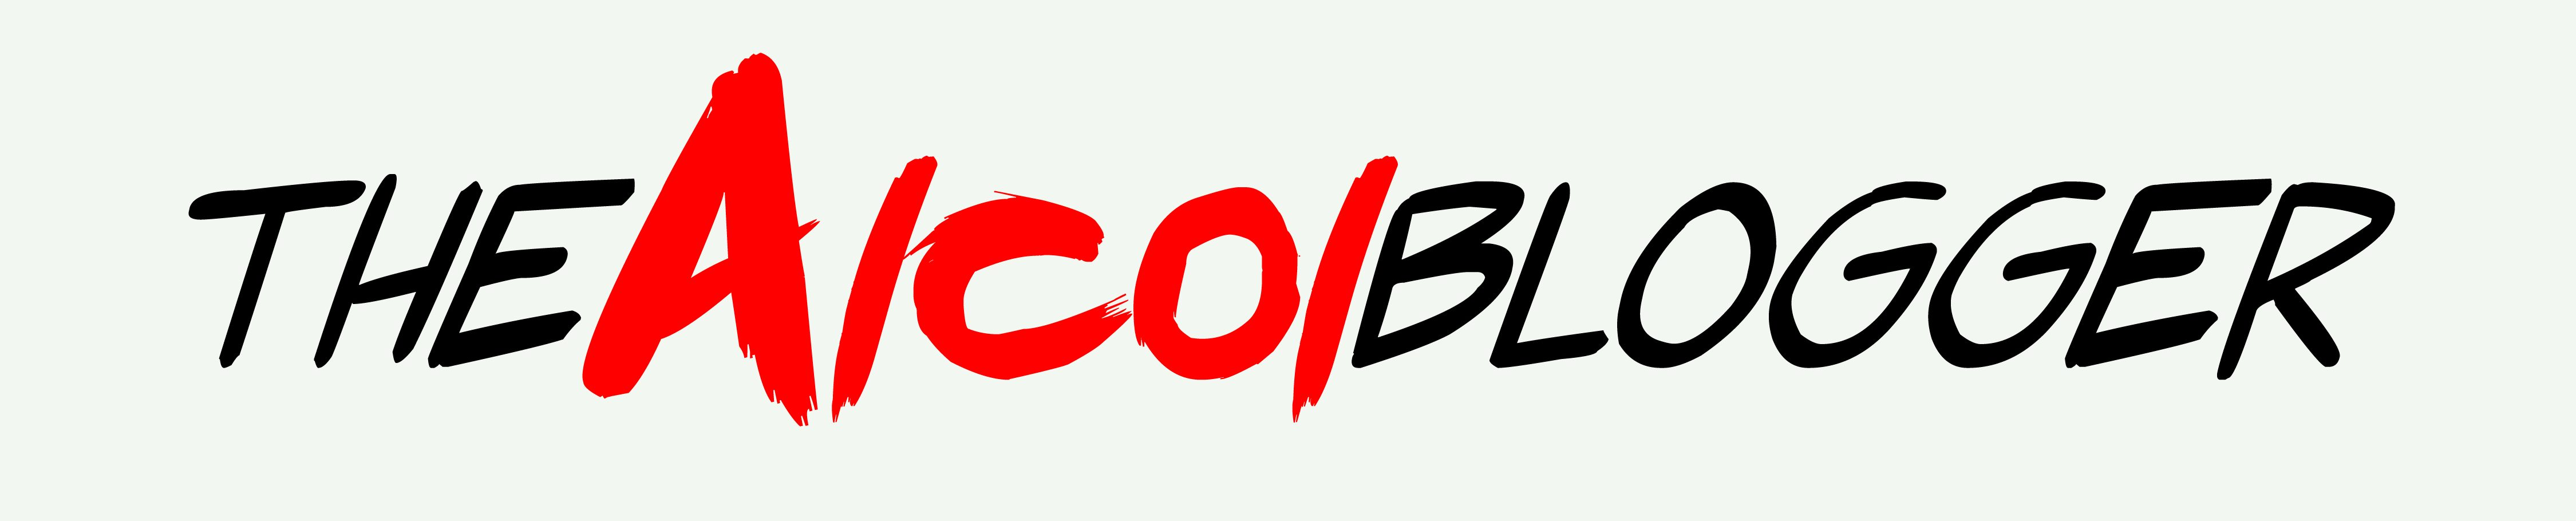 TheAlcolBlogger